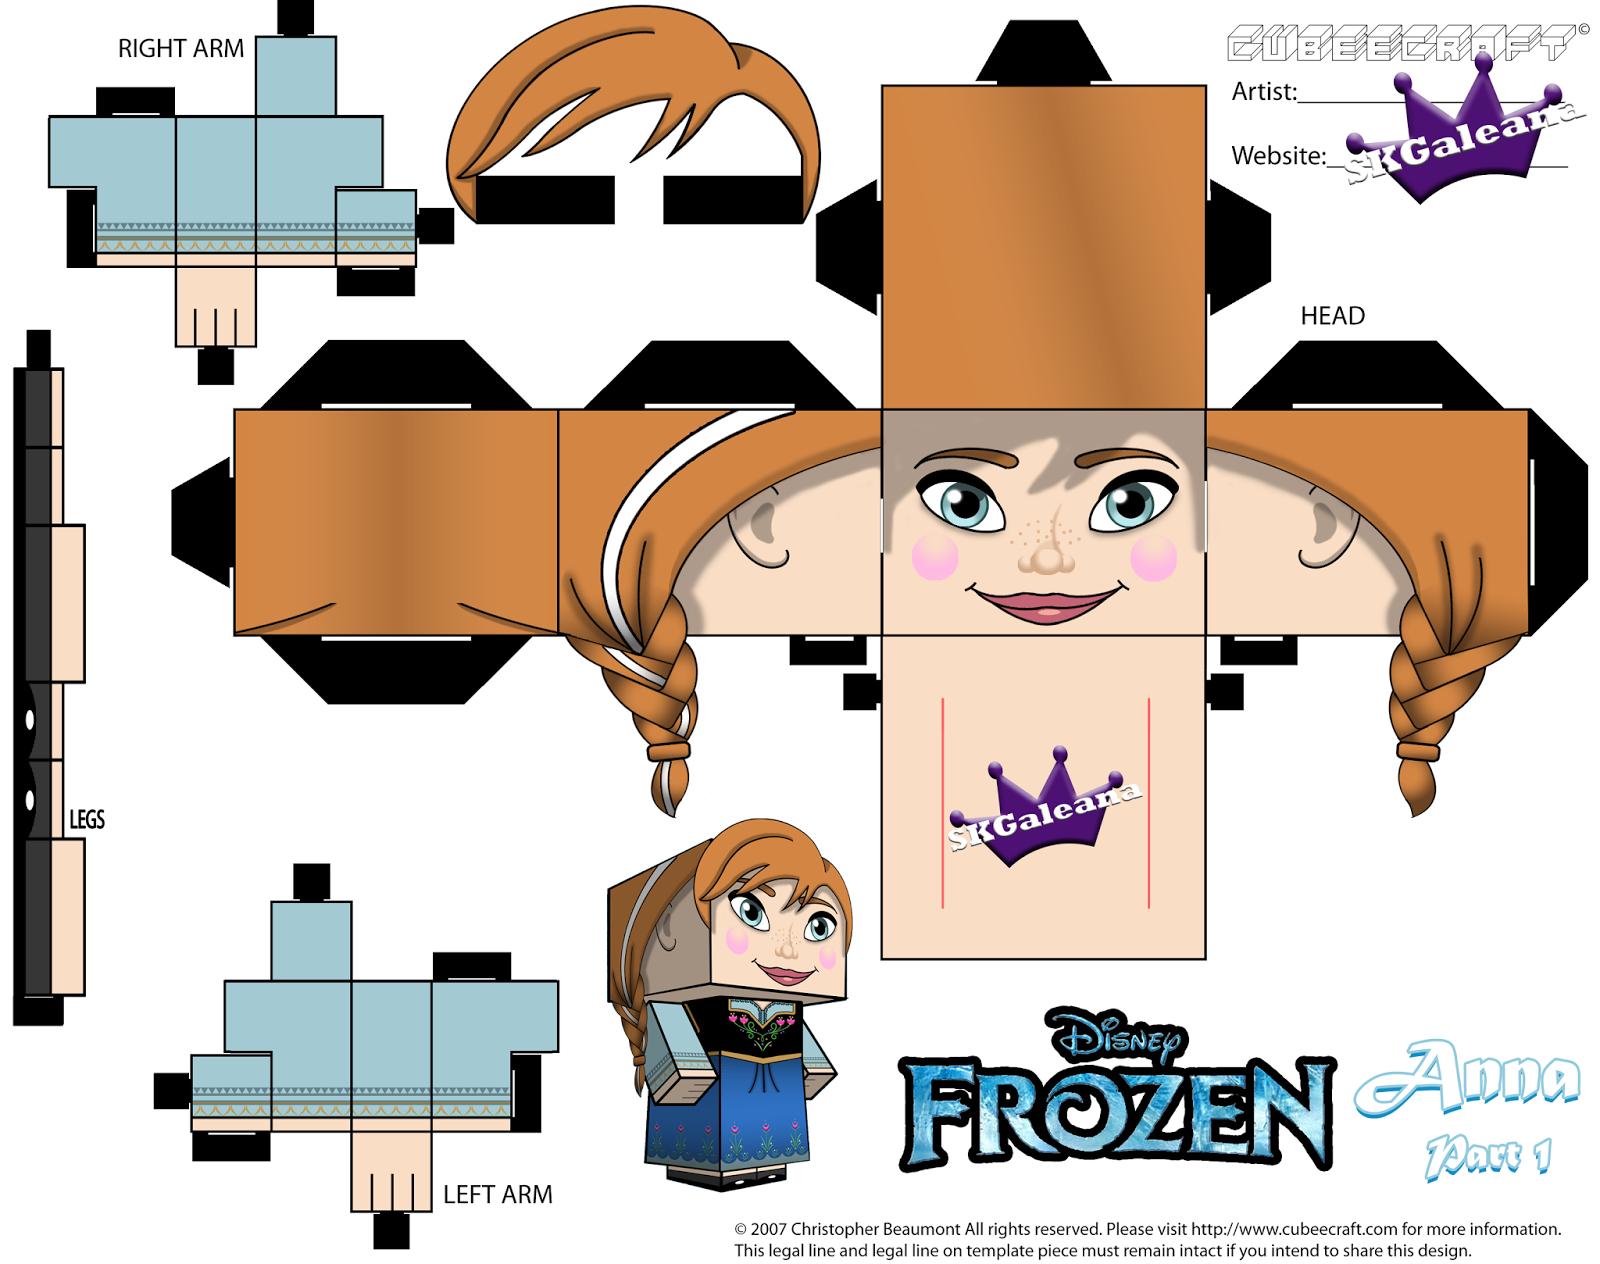 Bonecas Anna Elsa E Olaf Do Filme Frozen Para Imprimir Montar